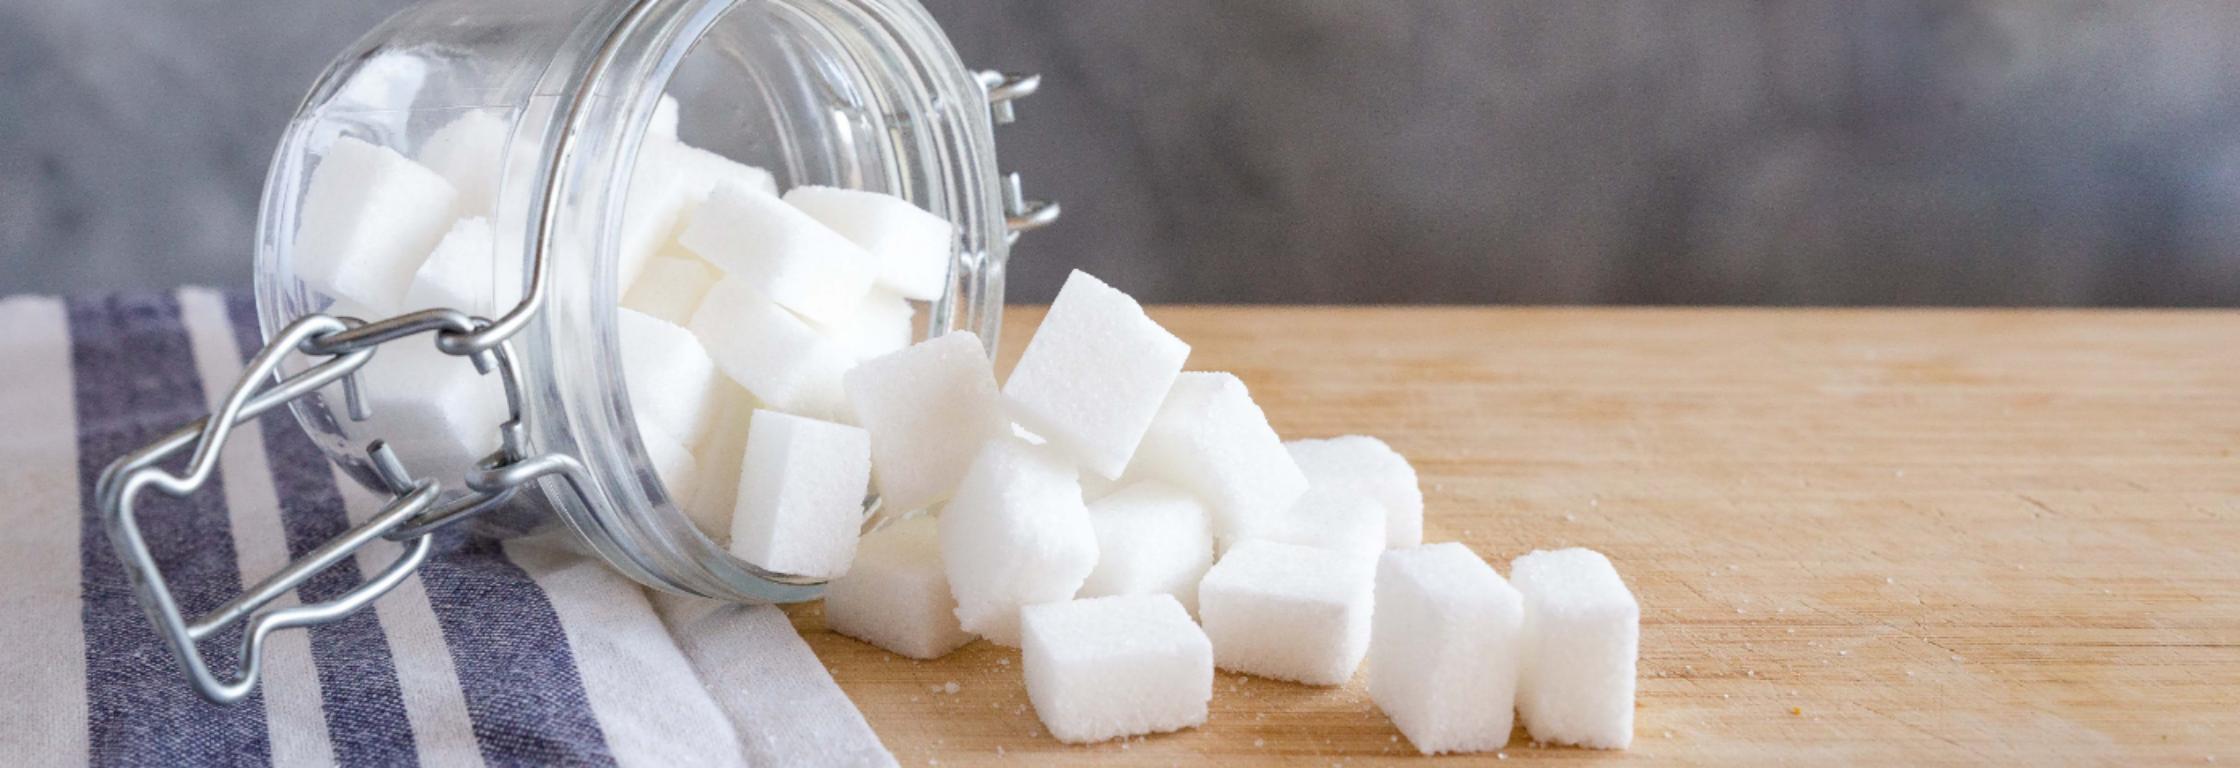 Hoe komt het dat we zoveel suiker eten?